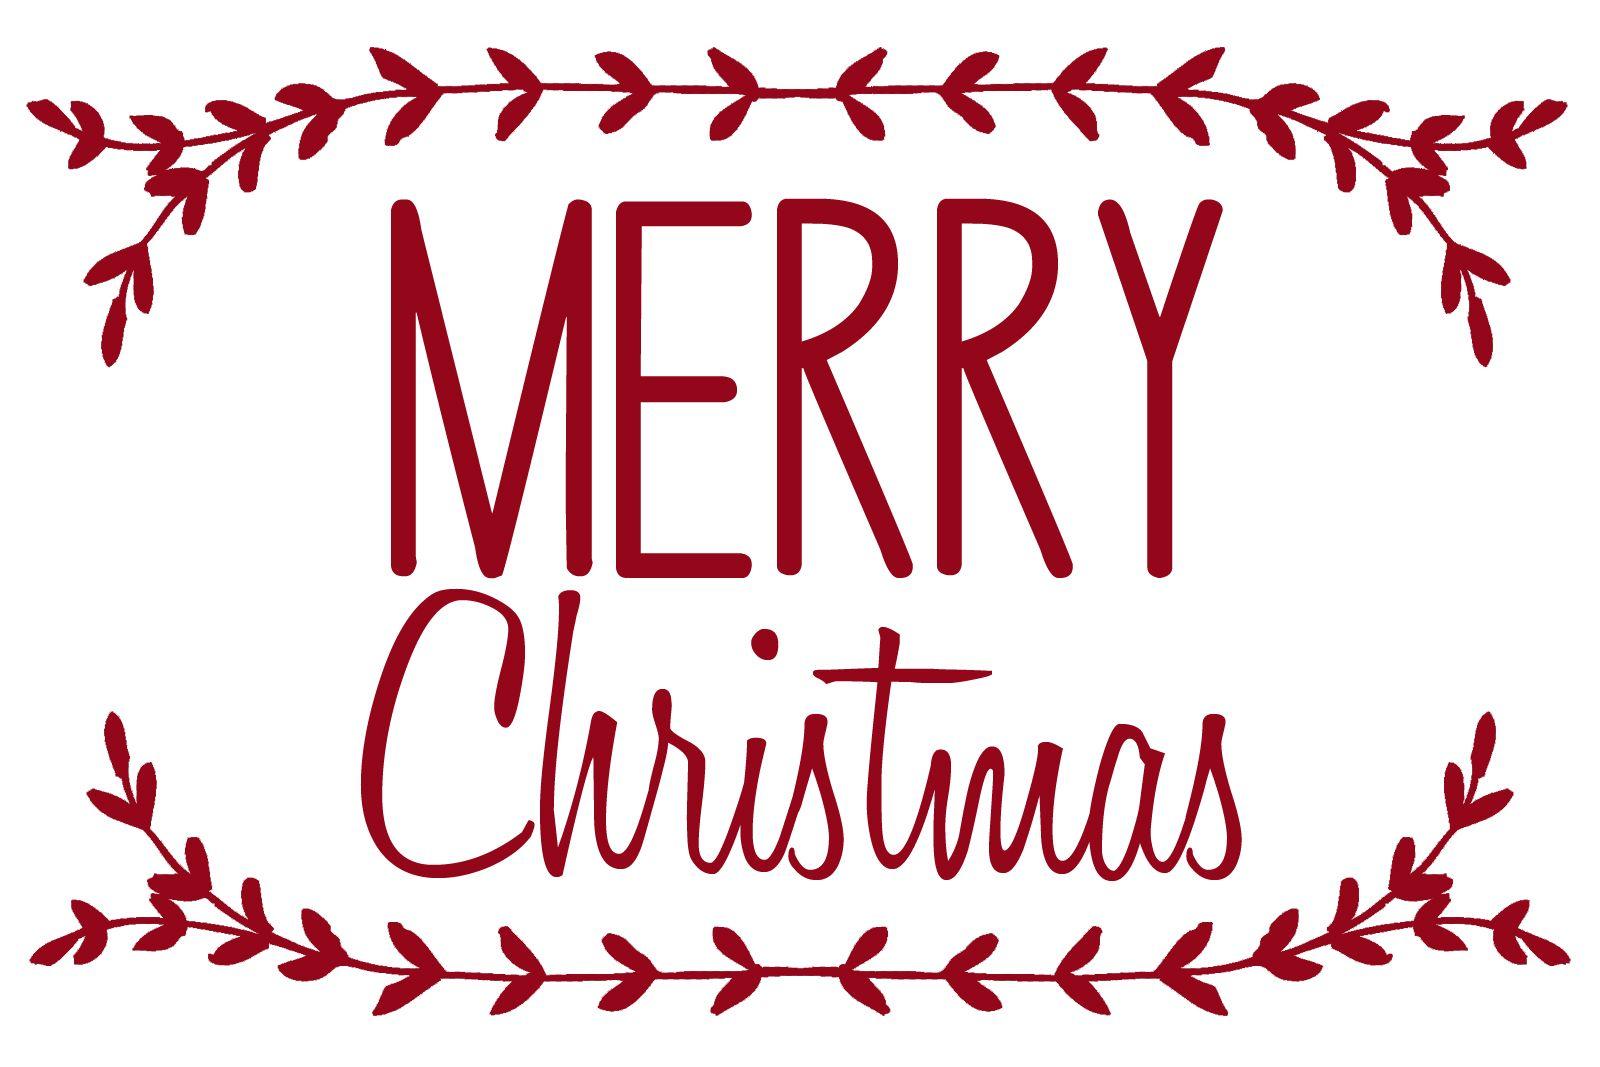 Printable Merry Christmas Merry Christmas Printable Merry Christmas Sign Printable Christmas Stamps